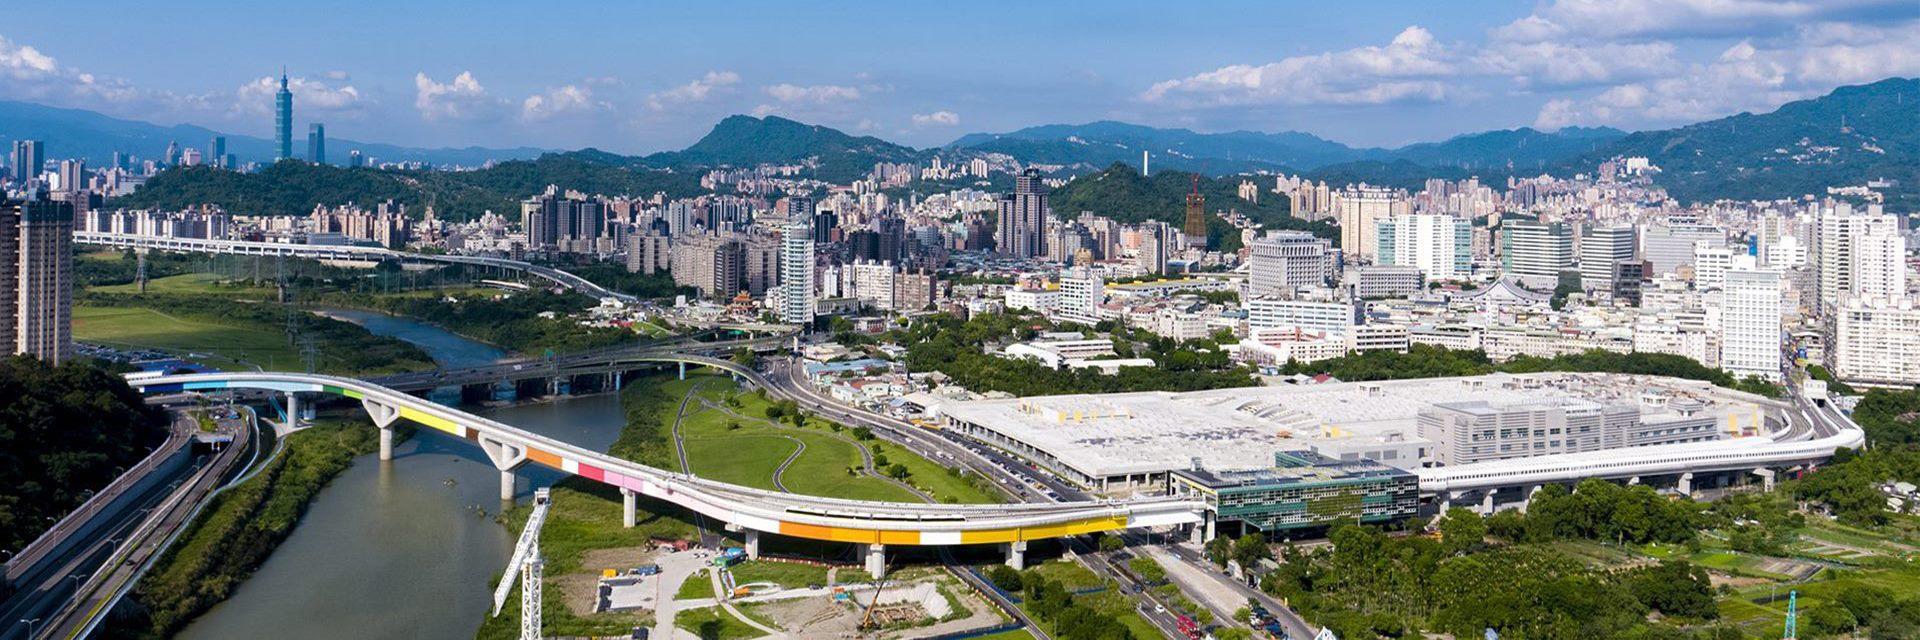 施工中的台北捷運環狀線